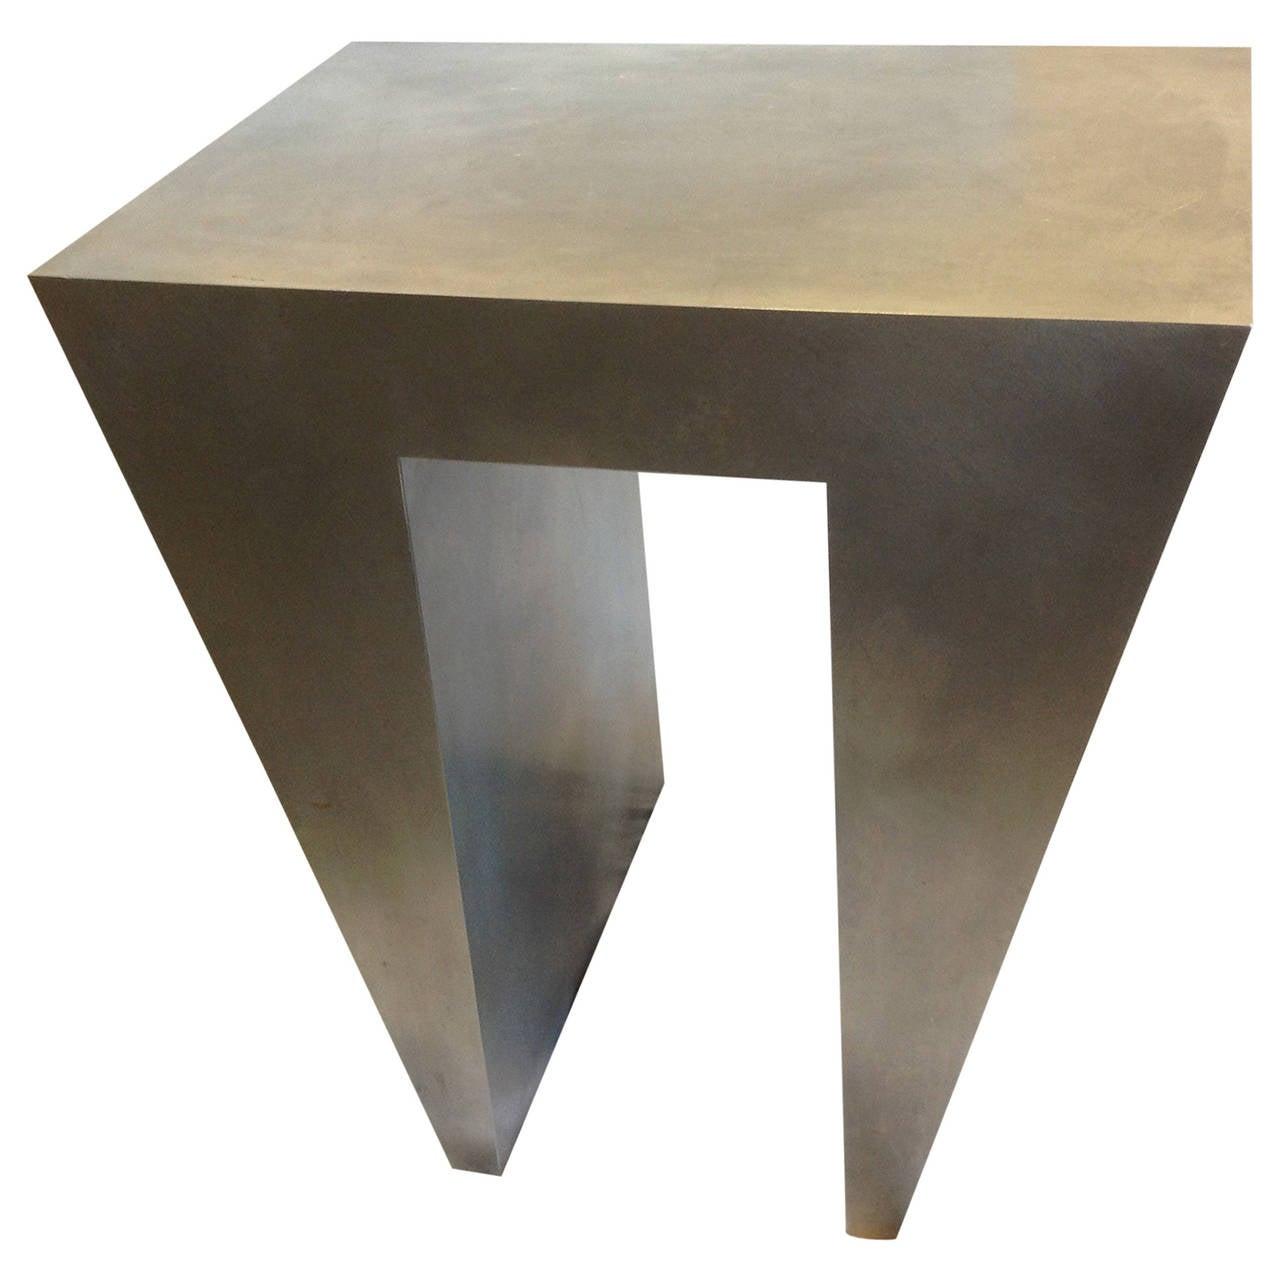 Brushed Aluminum Coffee Table: Brushed Aluminum: Brushed Aluminum End Tables